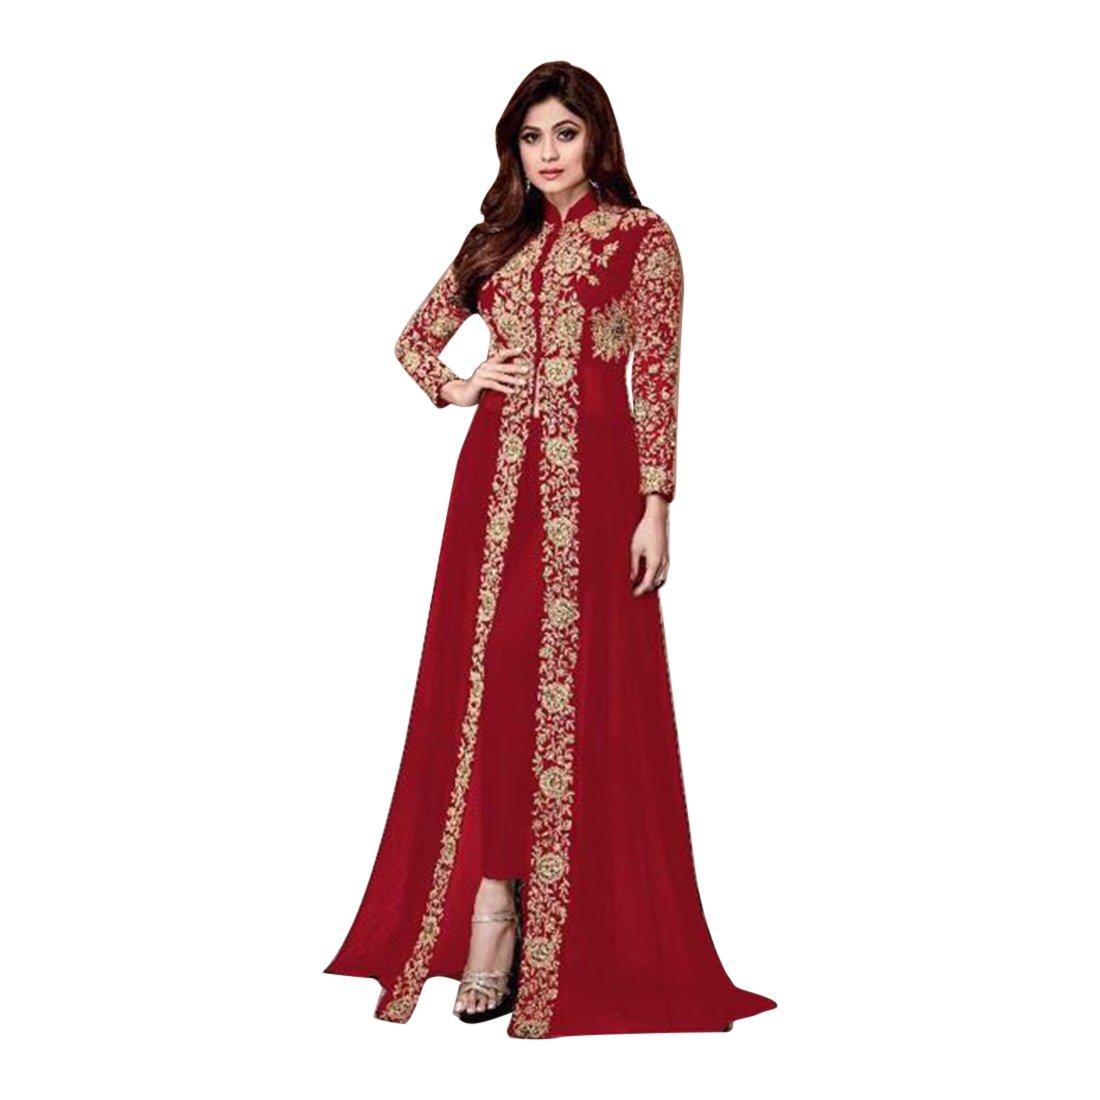 Maßanfertigung Pakistanische muslimische Frauen Kleid Zeremonie ...